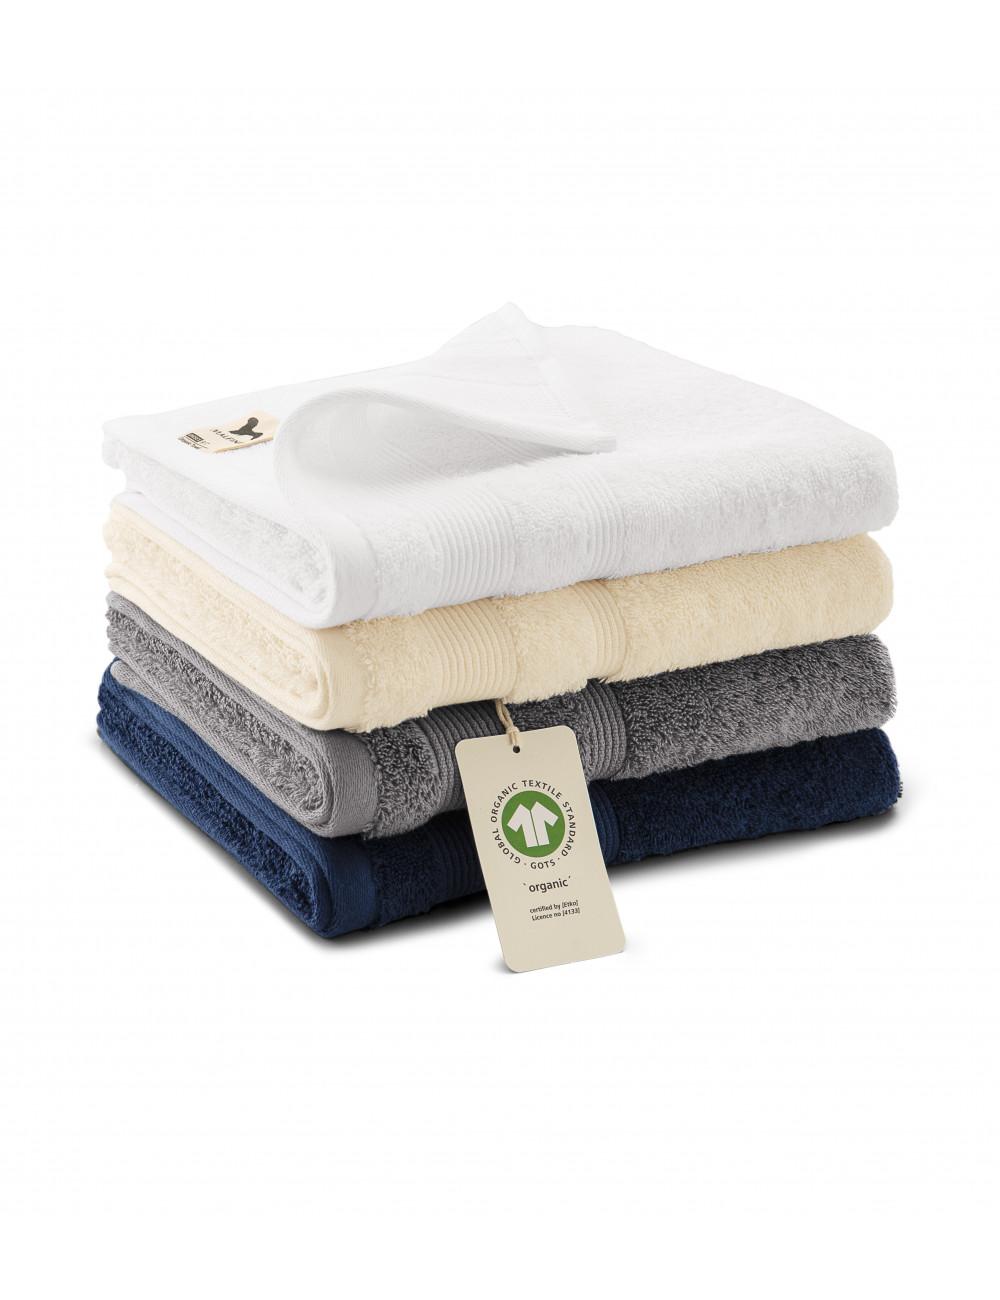 Adler MALFINI Ręcznik unisex Organic 917 biały